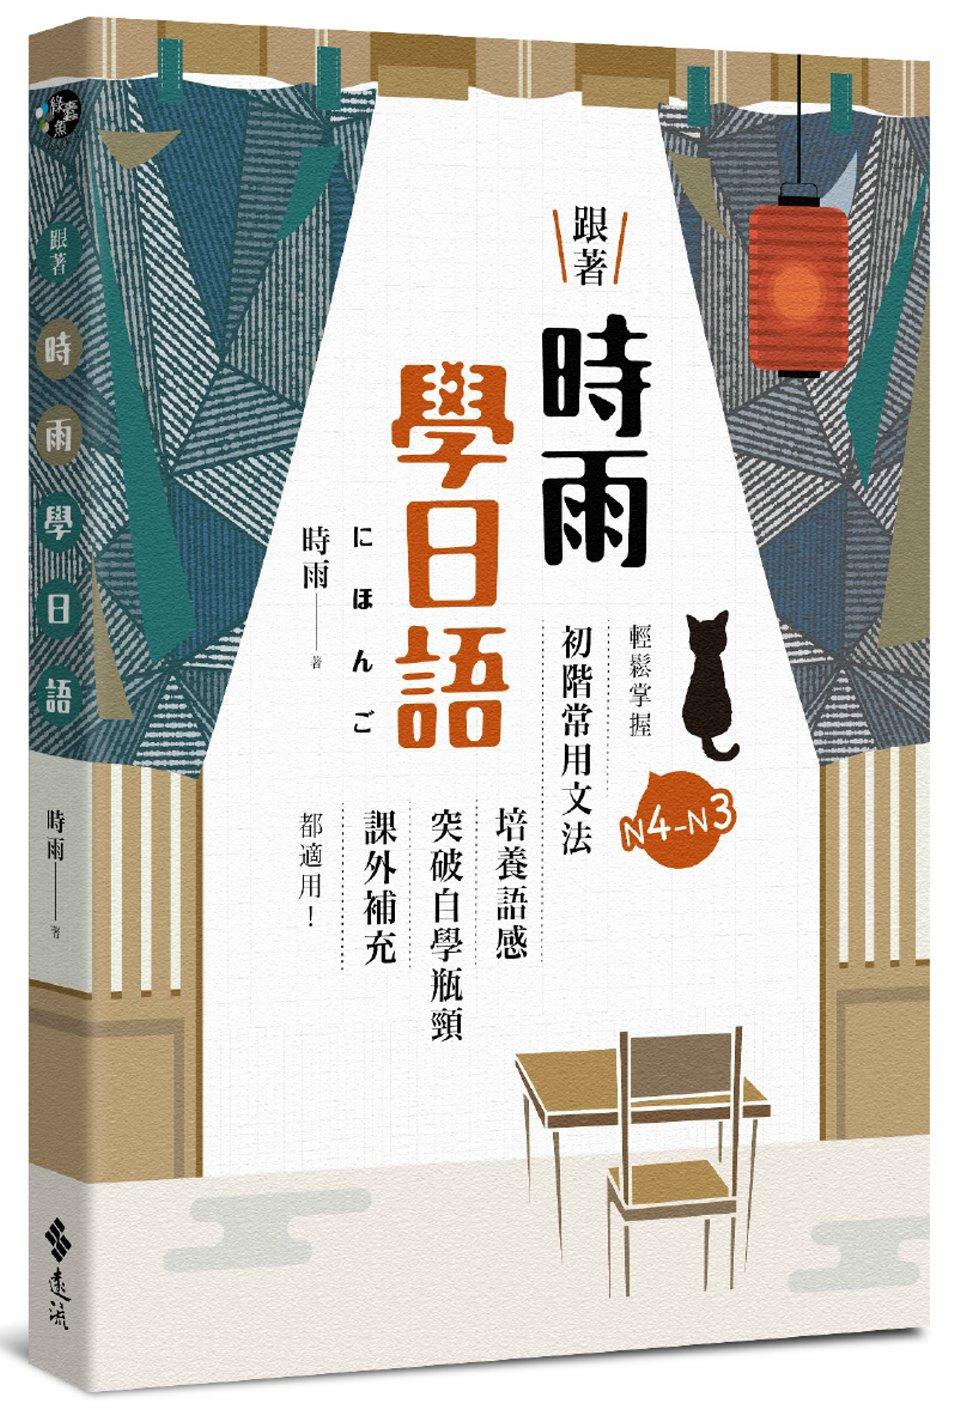 ◤博客來BOOKS◢ 暢銷書榜《推薦》跟著時雨學日語:輕鬆掌握N4~N3初階常用日文文法,培養語感、突破自學瓶頸、課外補充都適用!【作者親簽版】